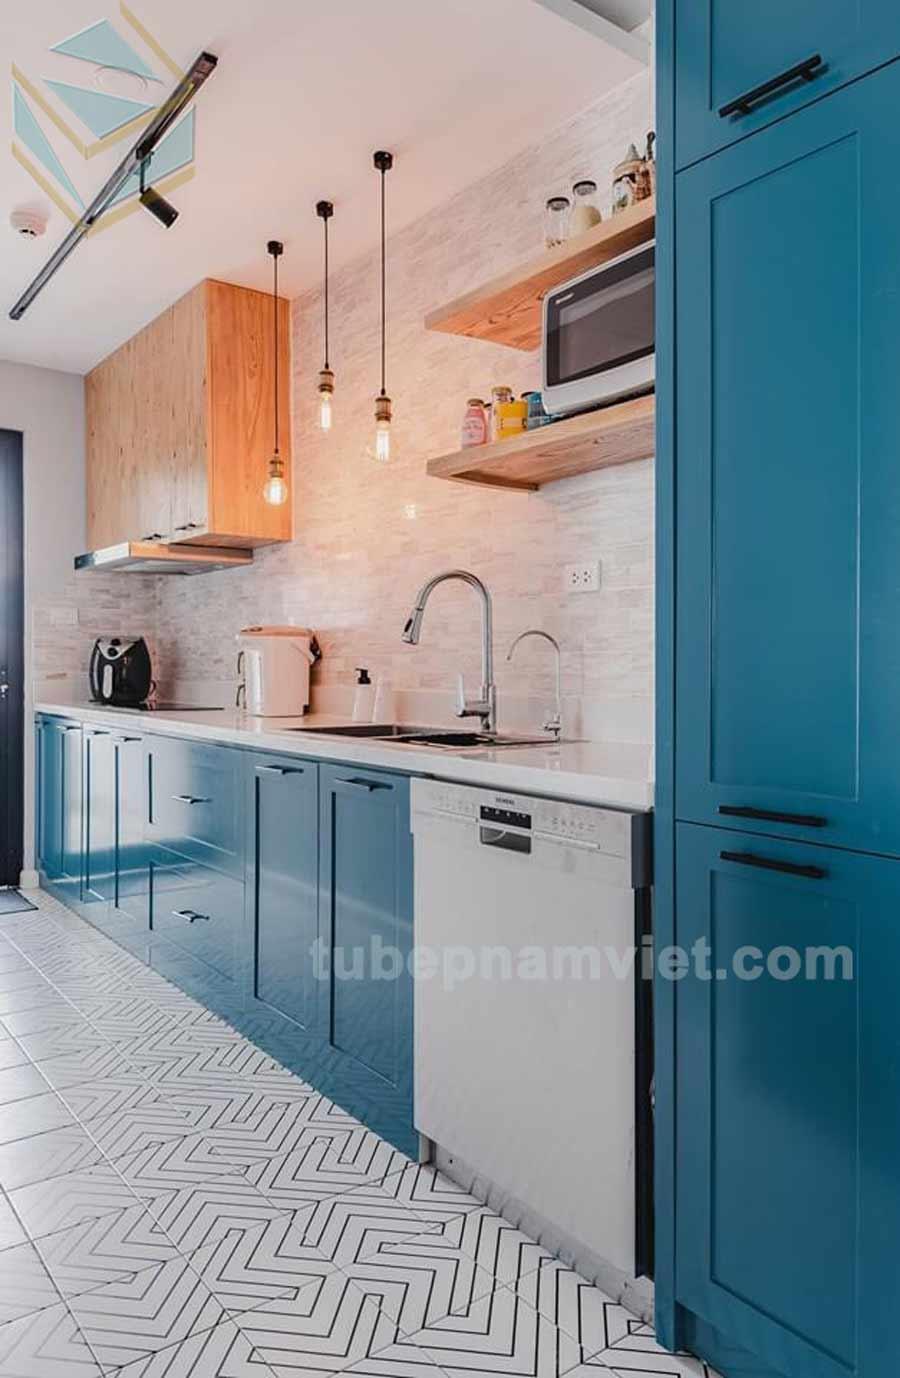 mẫu thiết kế tủ bếp gỗ sồi nga đẹp